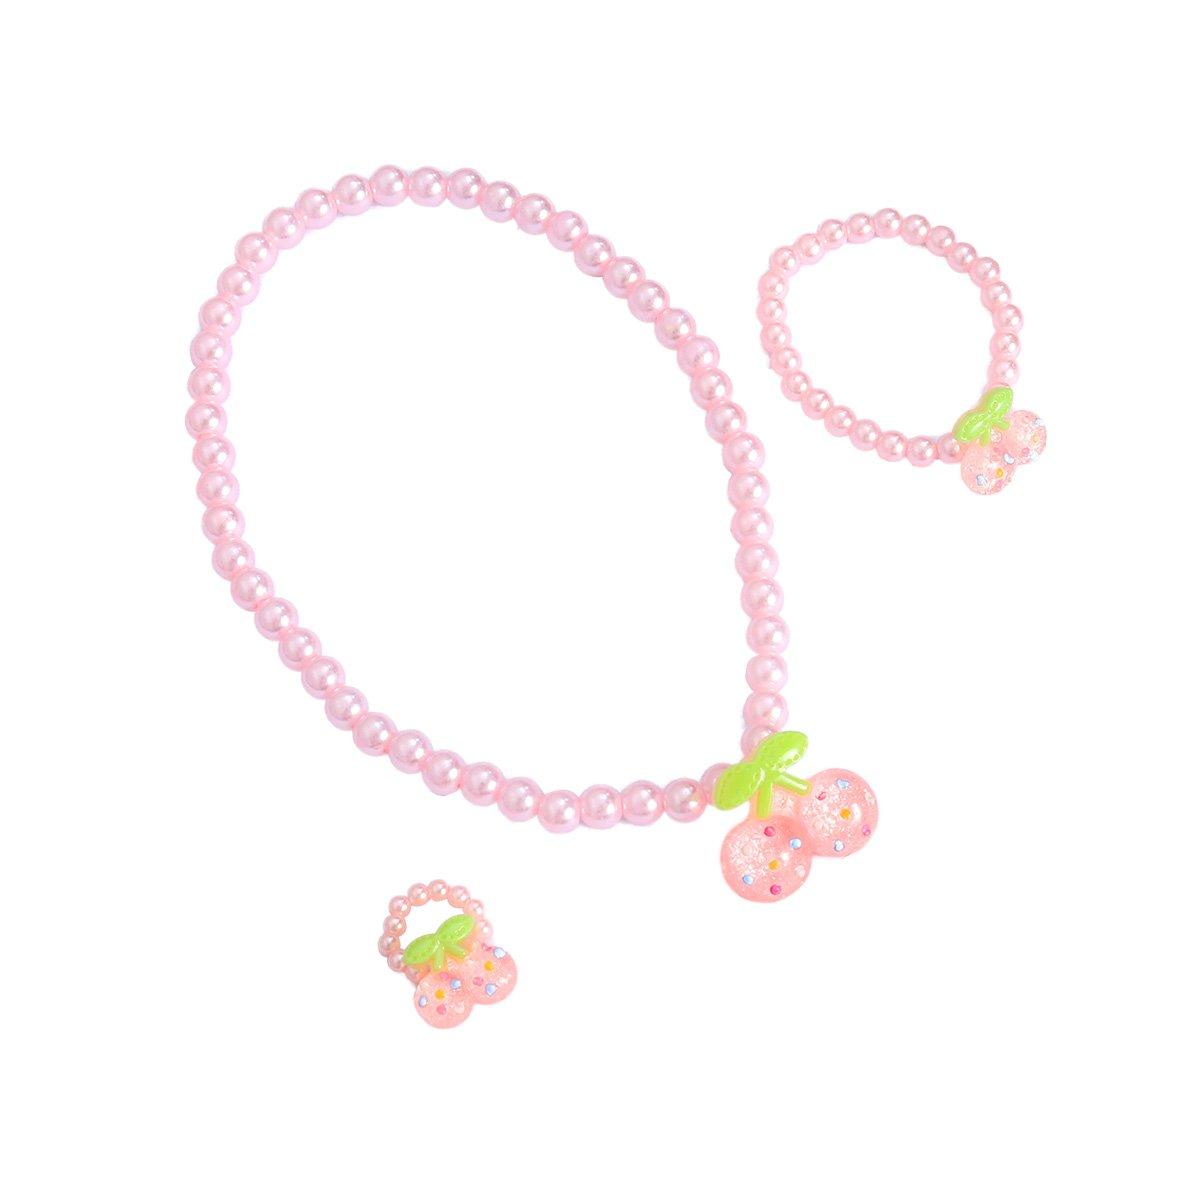 STOBOK 3pcs Kinder Schmuck Set Nachahmung Perlen Kirsche Halskette Ring Armband